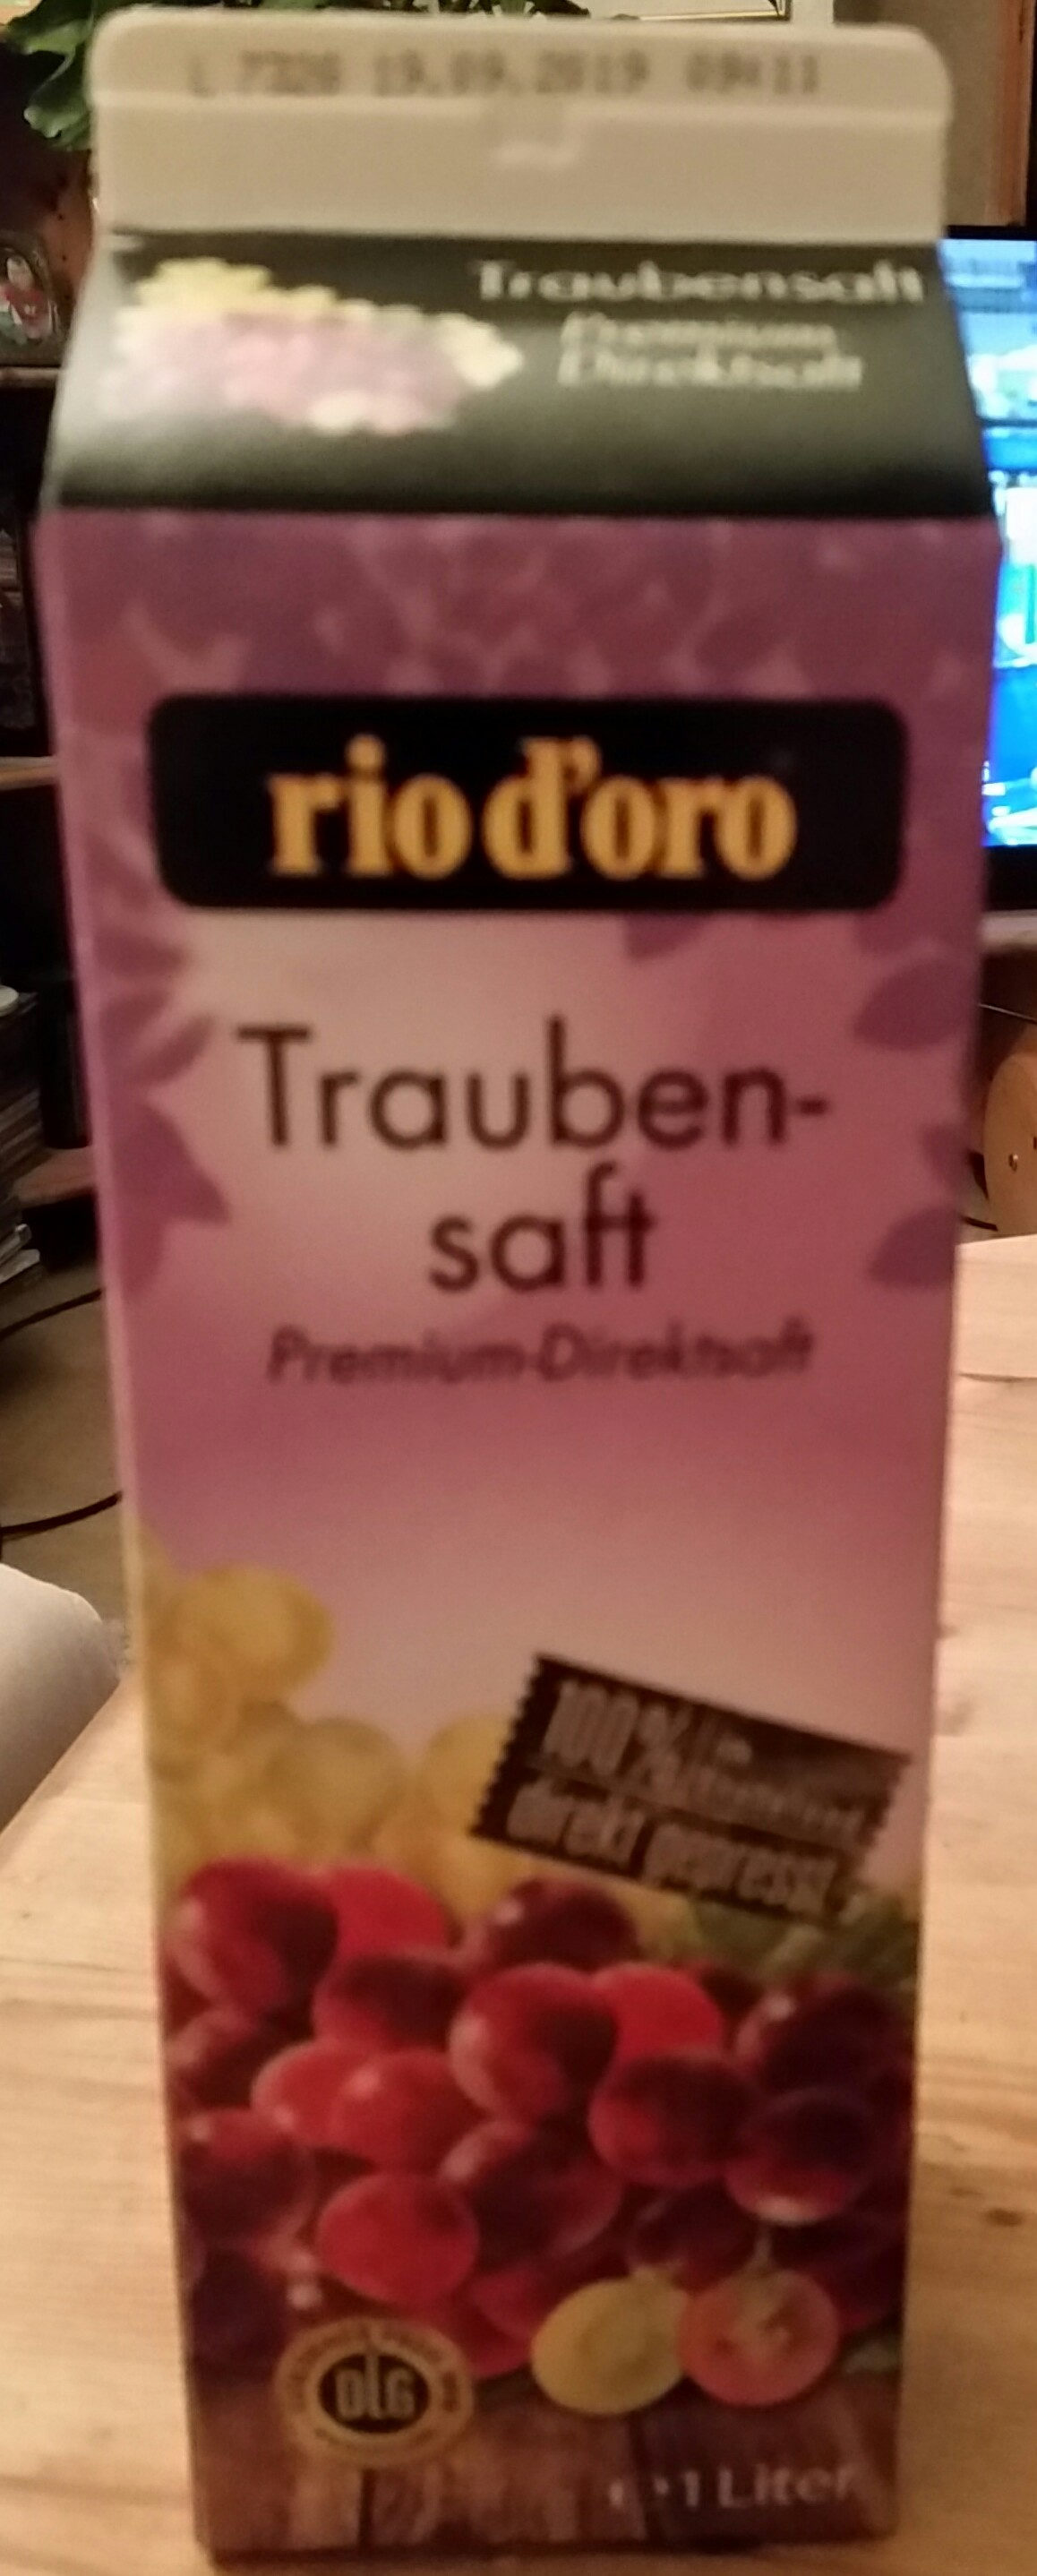 Traubensaft - Product - de